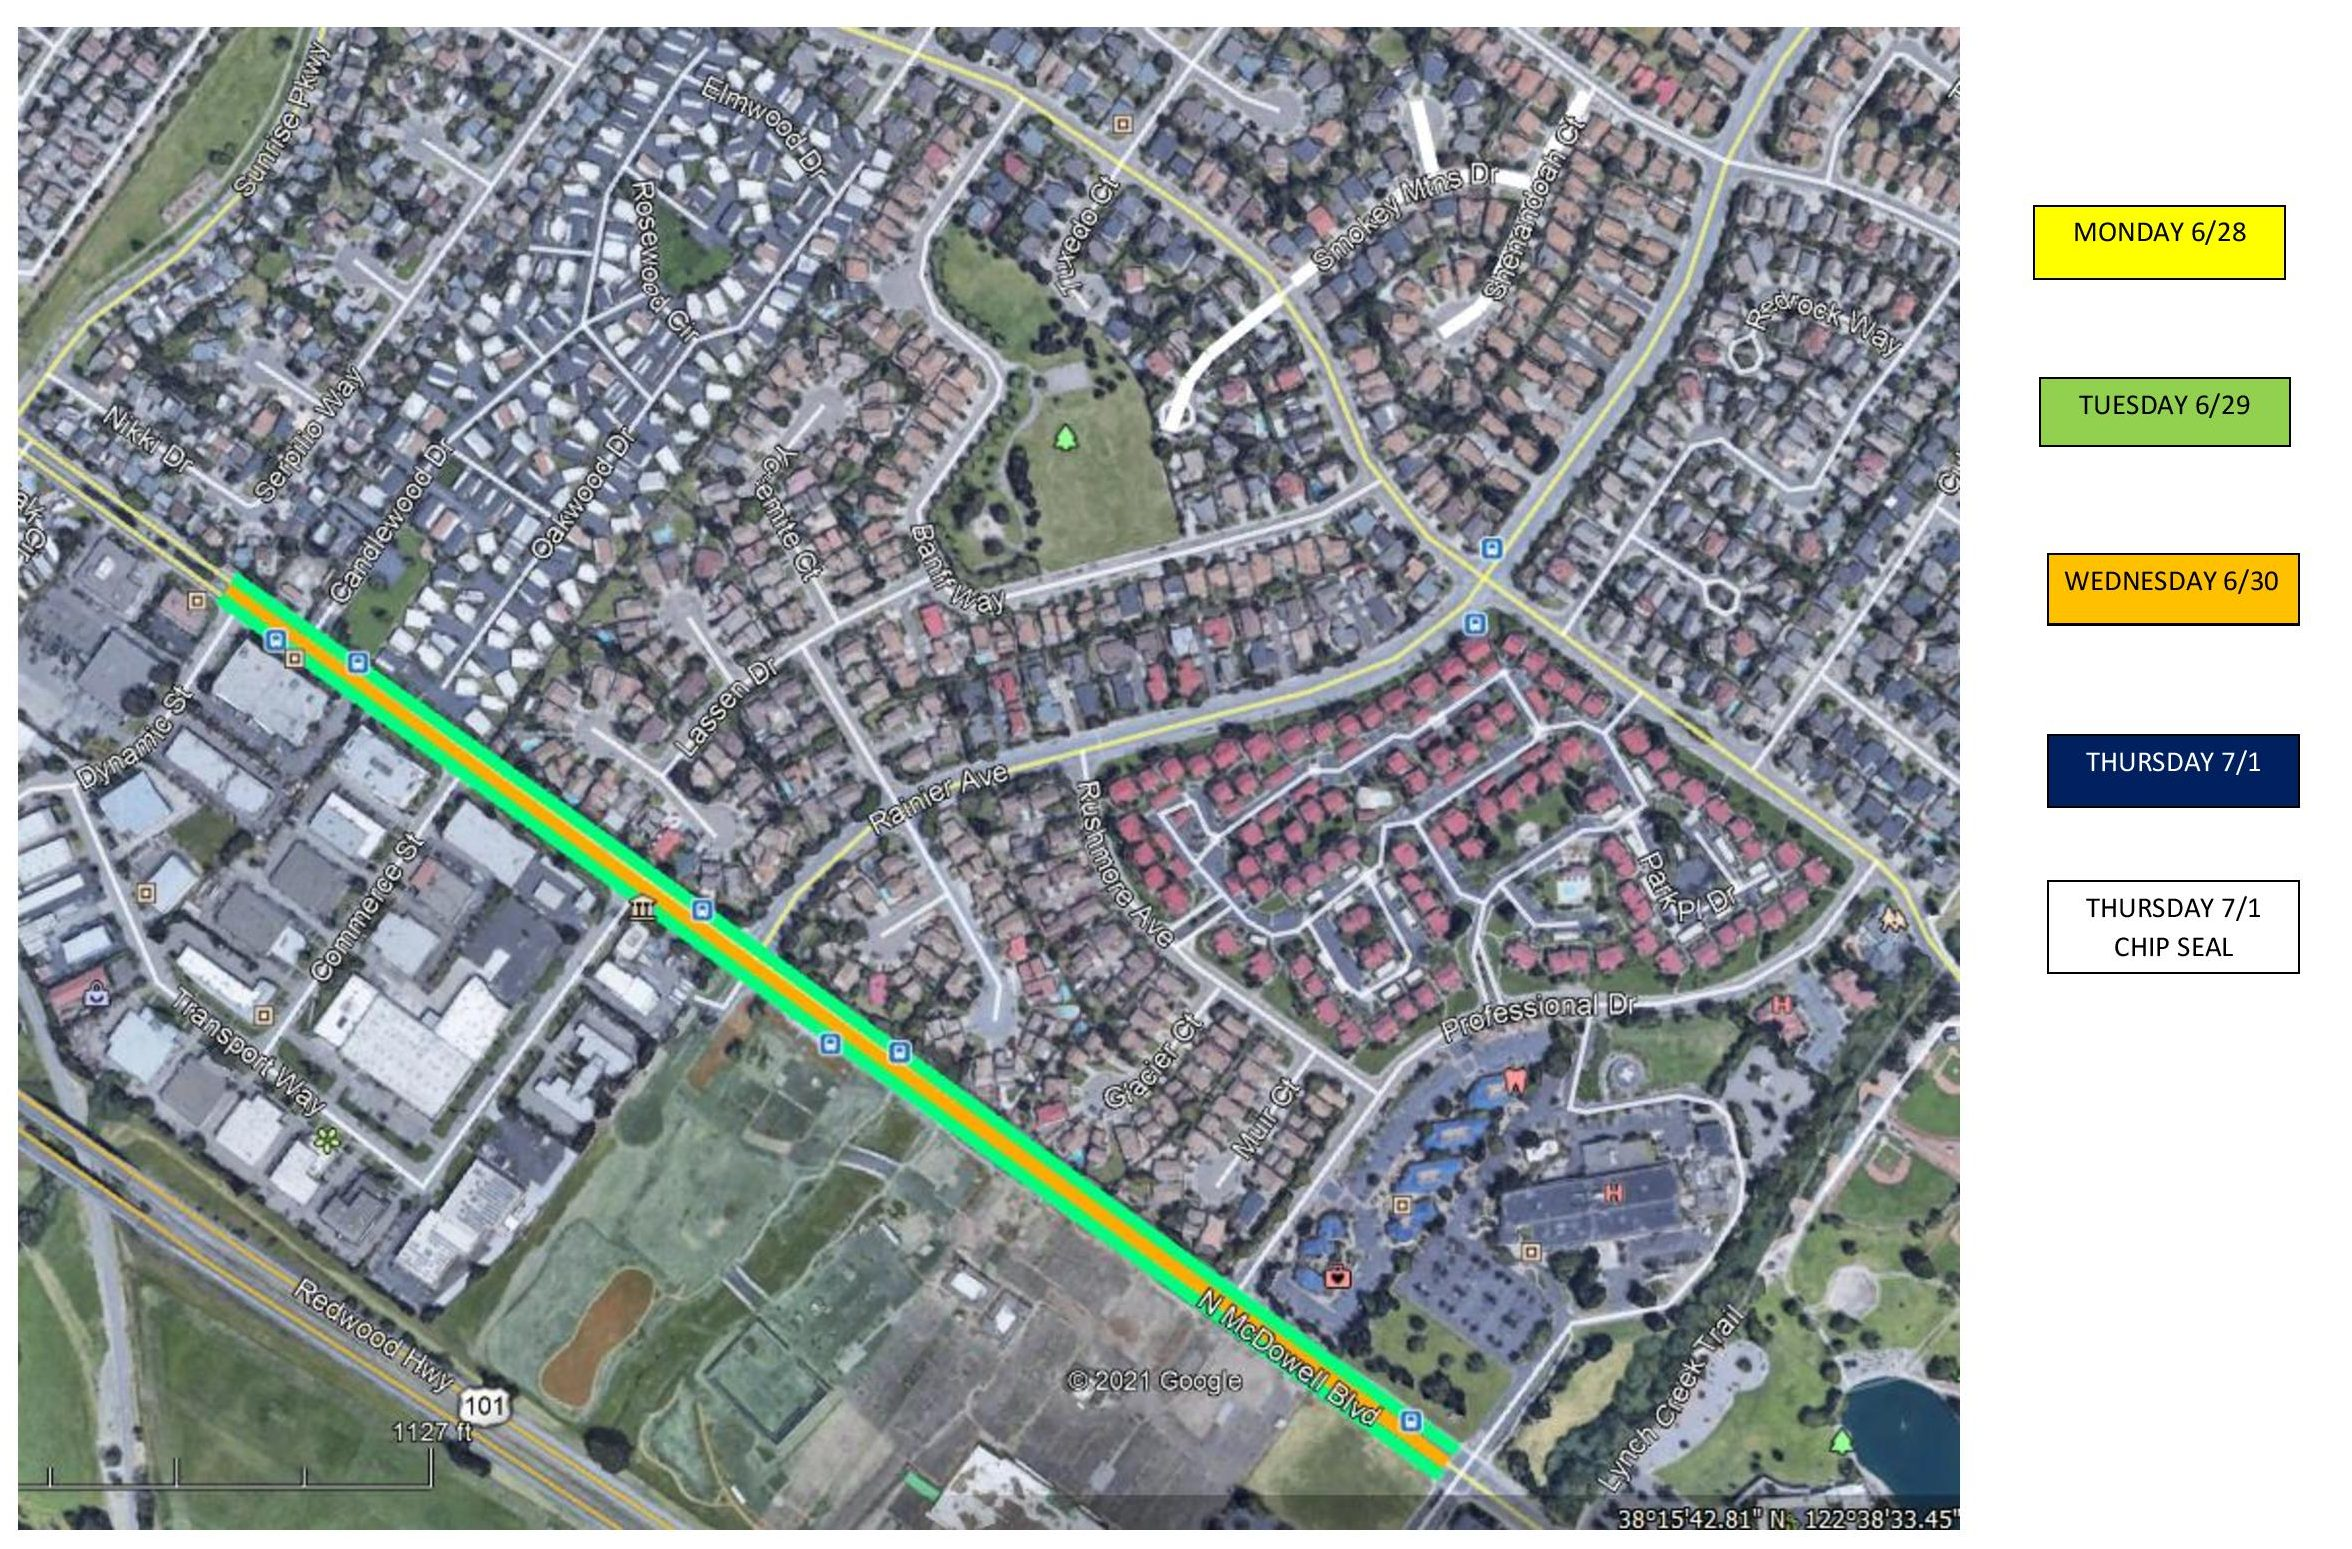 Paving-Map-4-6_28-thru-7_1-page-001